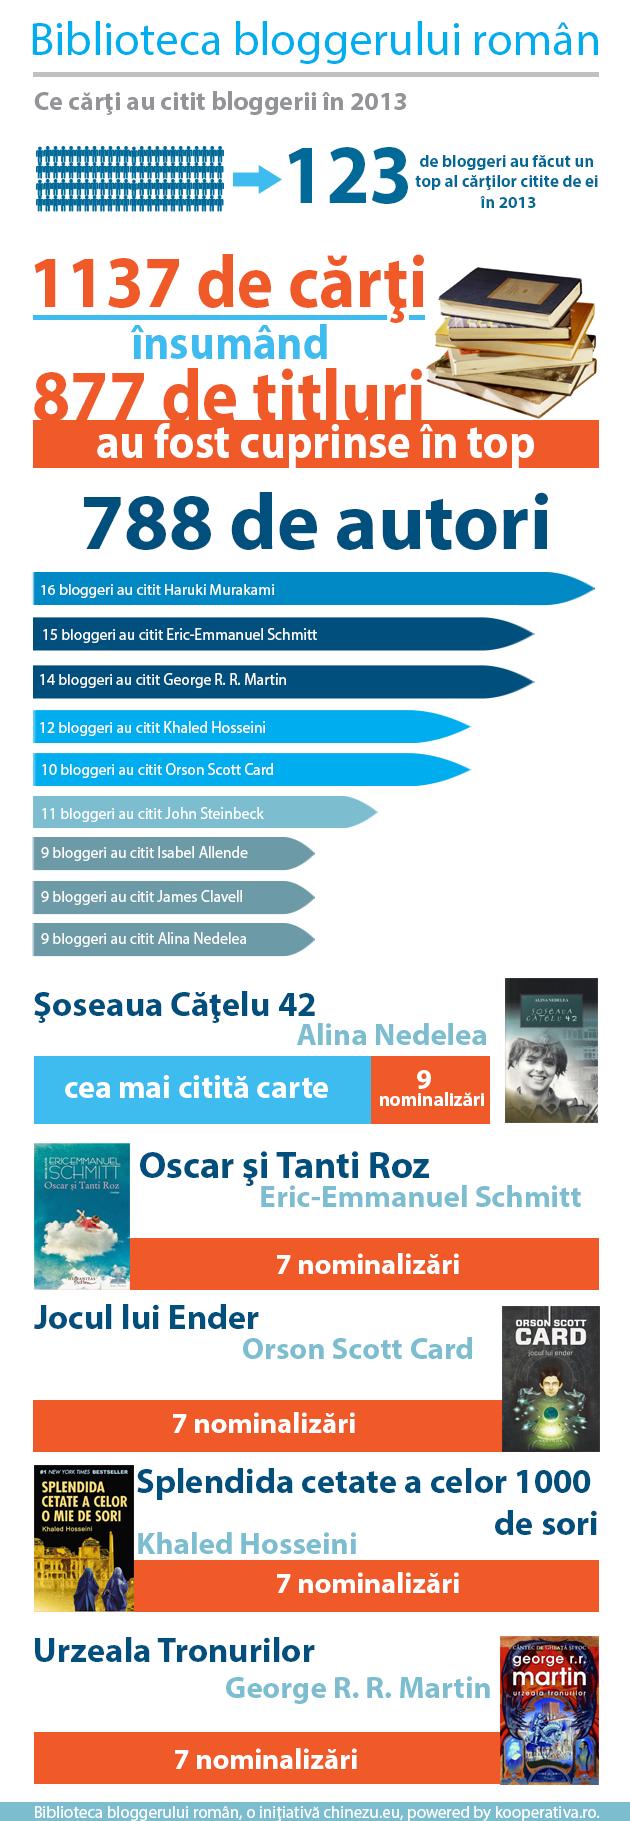 Biblioteca bloggerului roman - epilog 2014